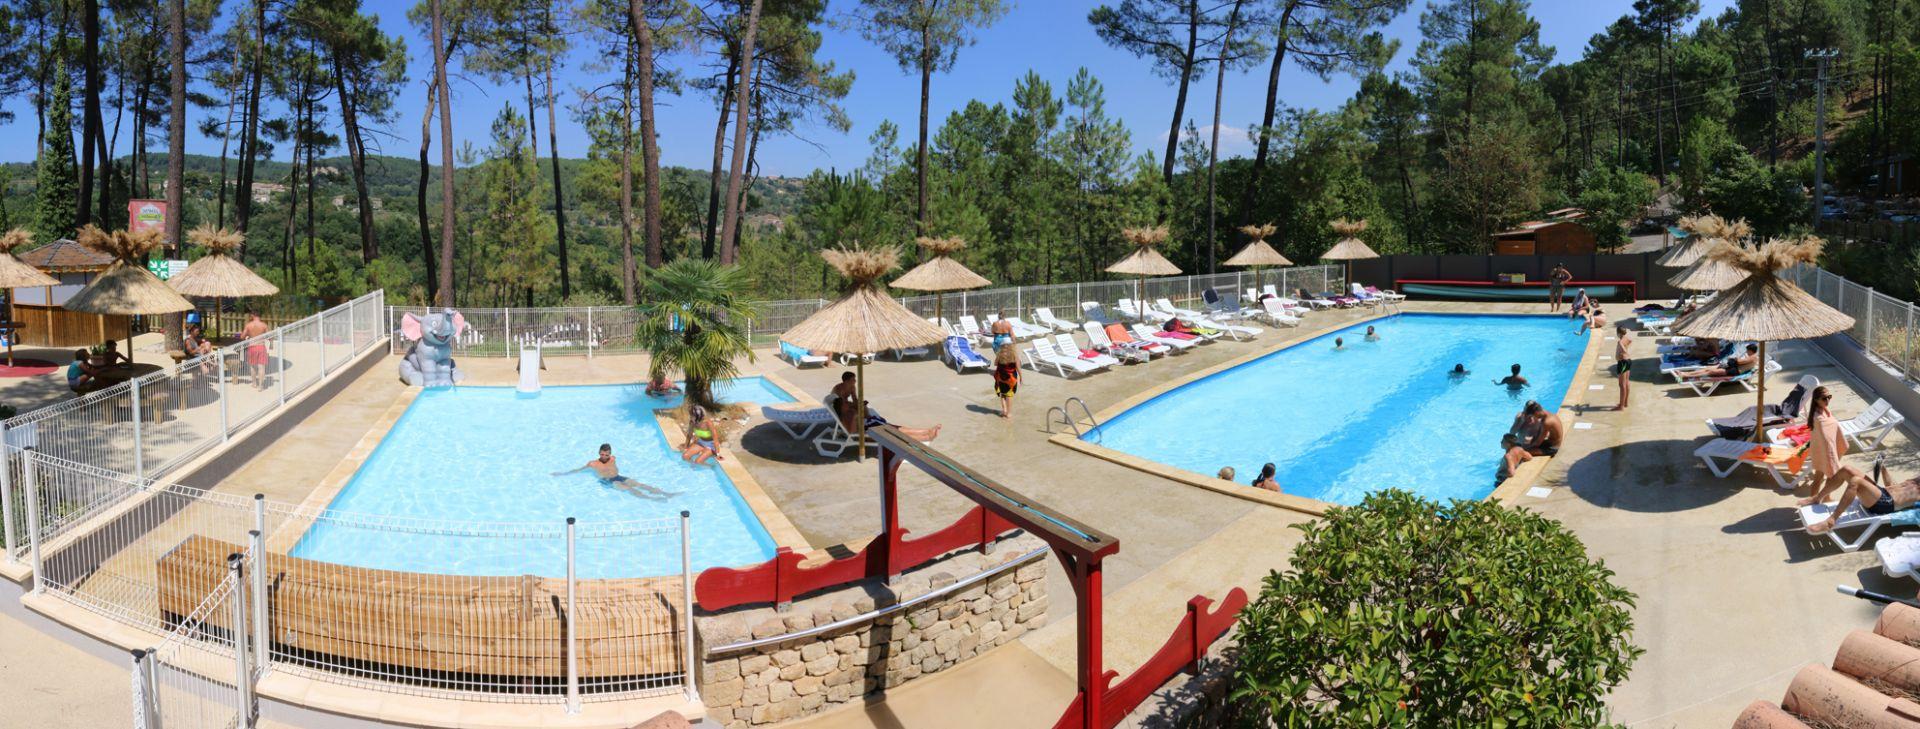 Camping 4 Etoiles Avec Piscine Chauffée Et Animations En Sud ... concernant Camping En Ardèche Avec Piscine